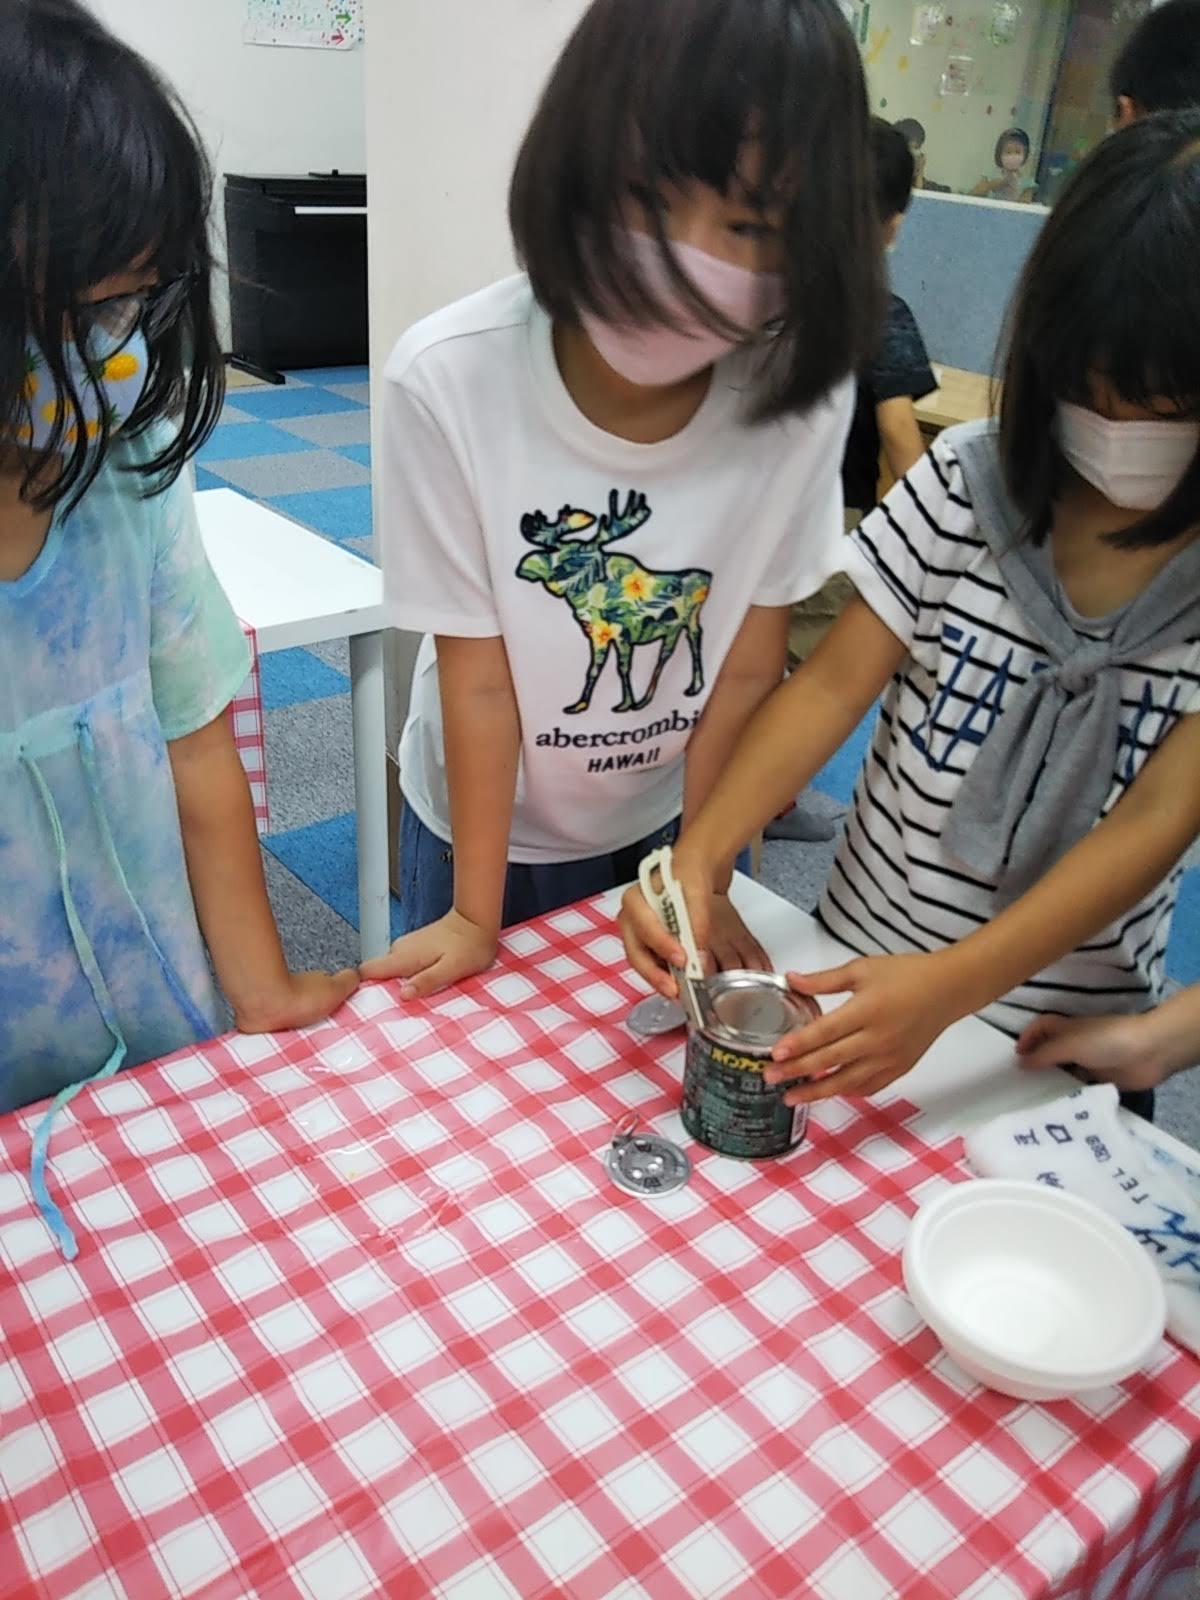 8月6日 おやつ作り / Making Fruit Punch _c0315908_11300076.jpg